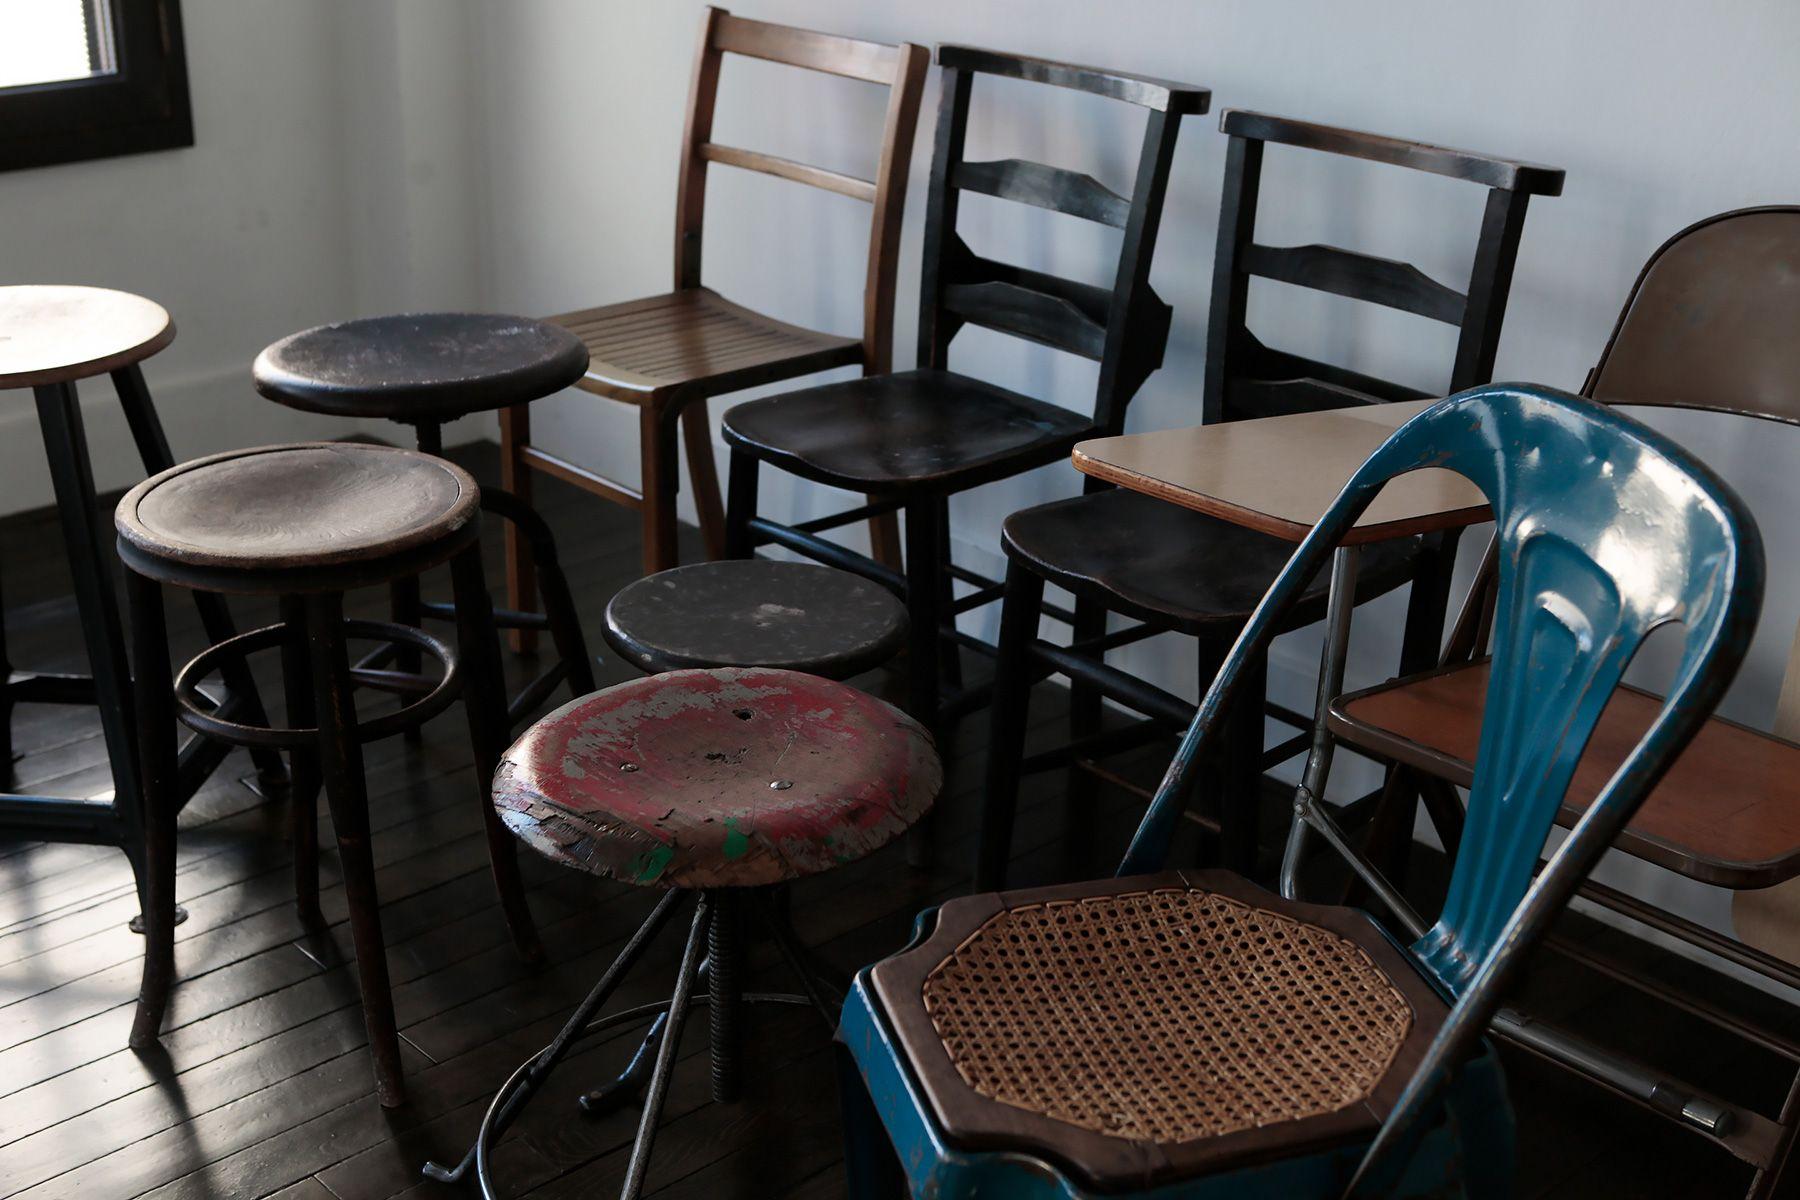 BLANK (ブランク)アンティークの椅子